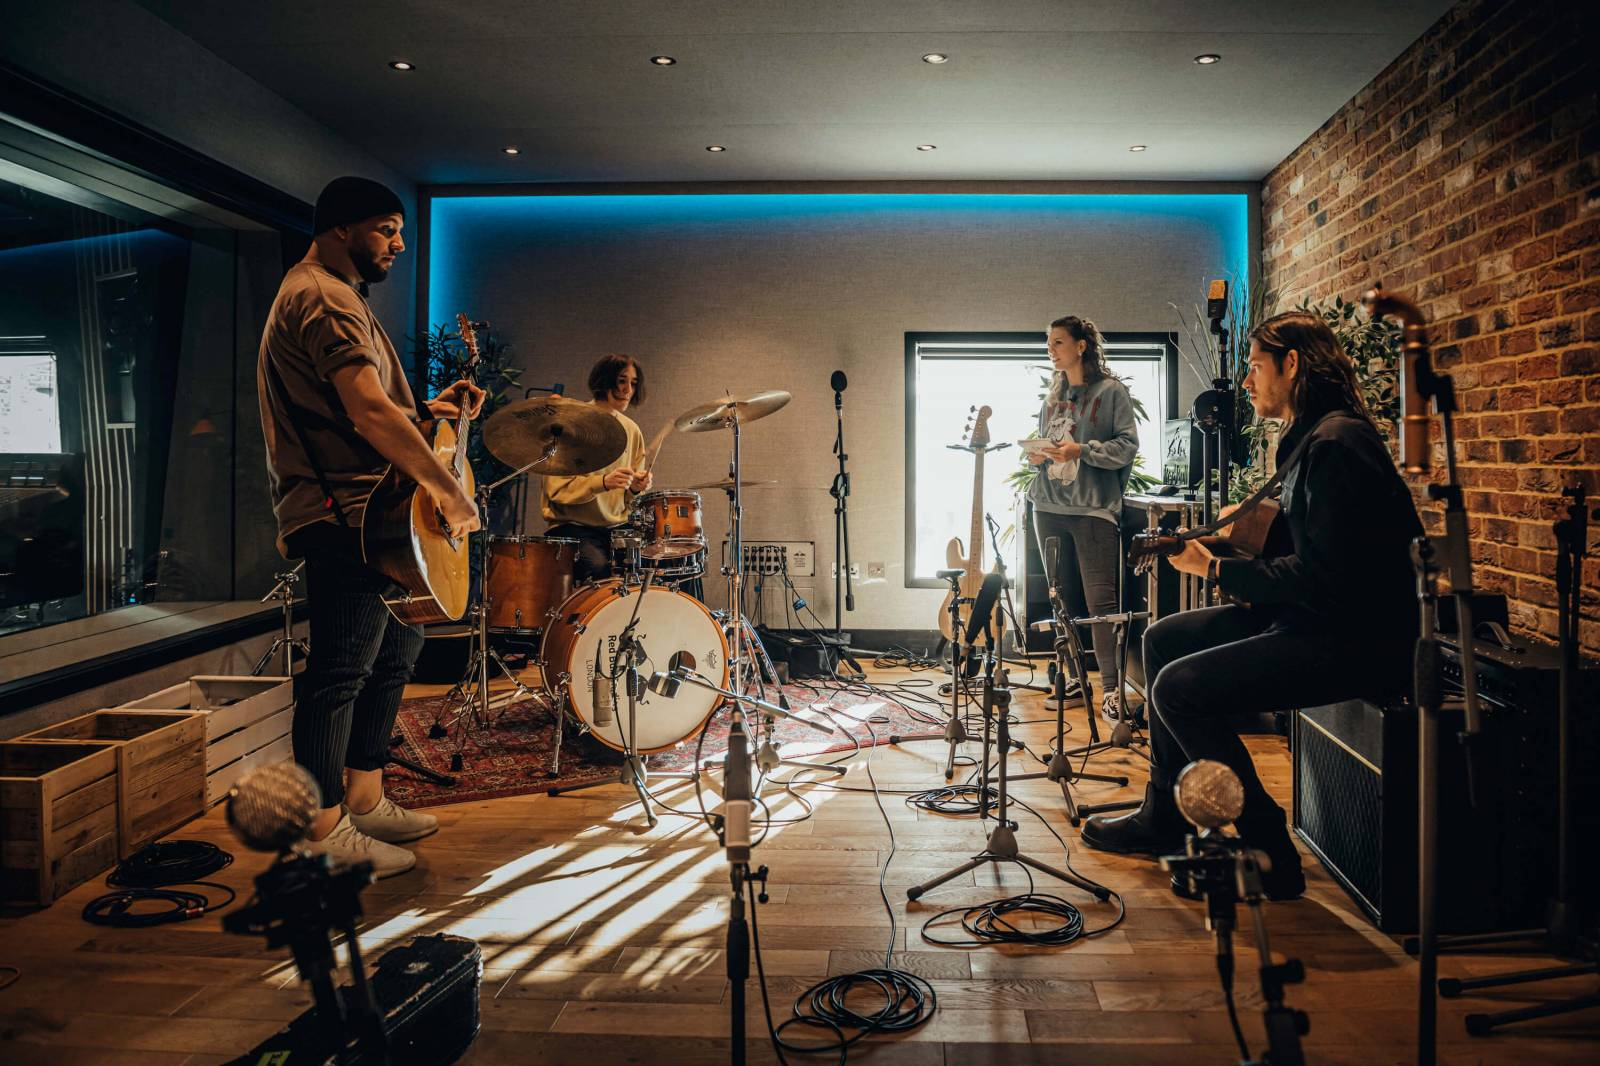 VIDEO: Lenny bere fanoušky do své hudební kuchyně v Londýně. Singl Wake Up je předzvěstí druhého alba